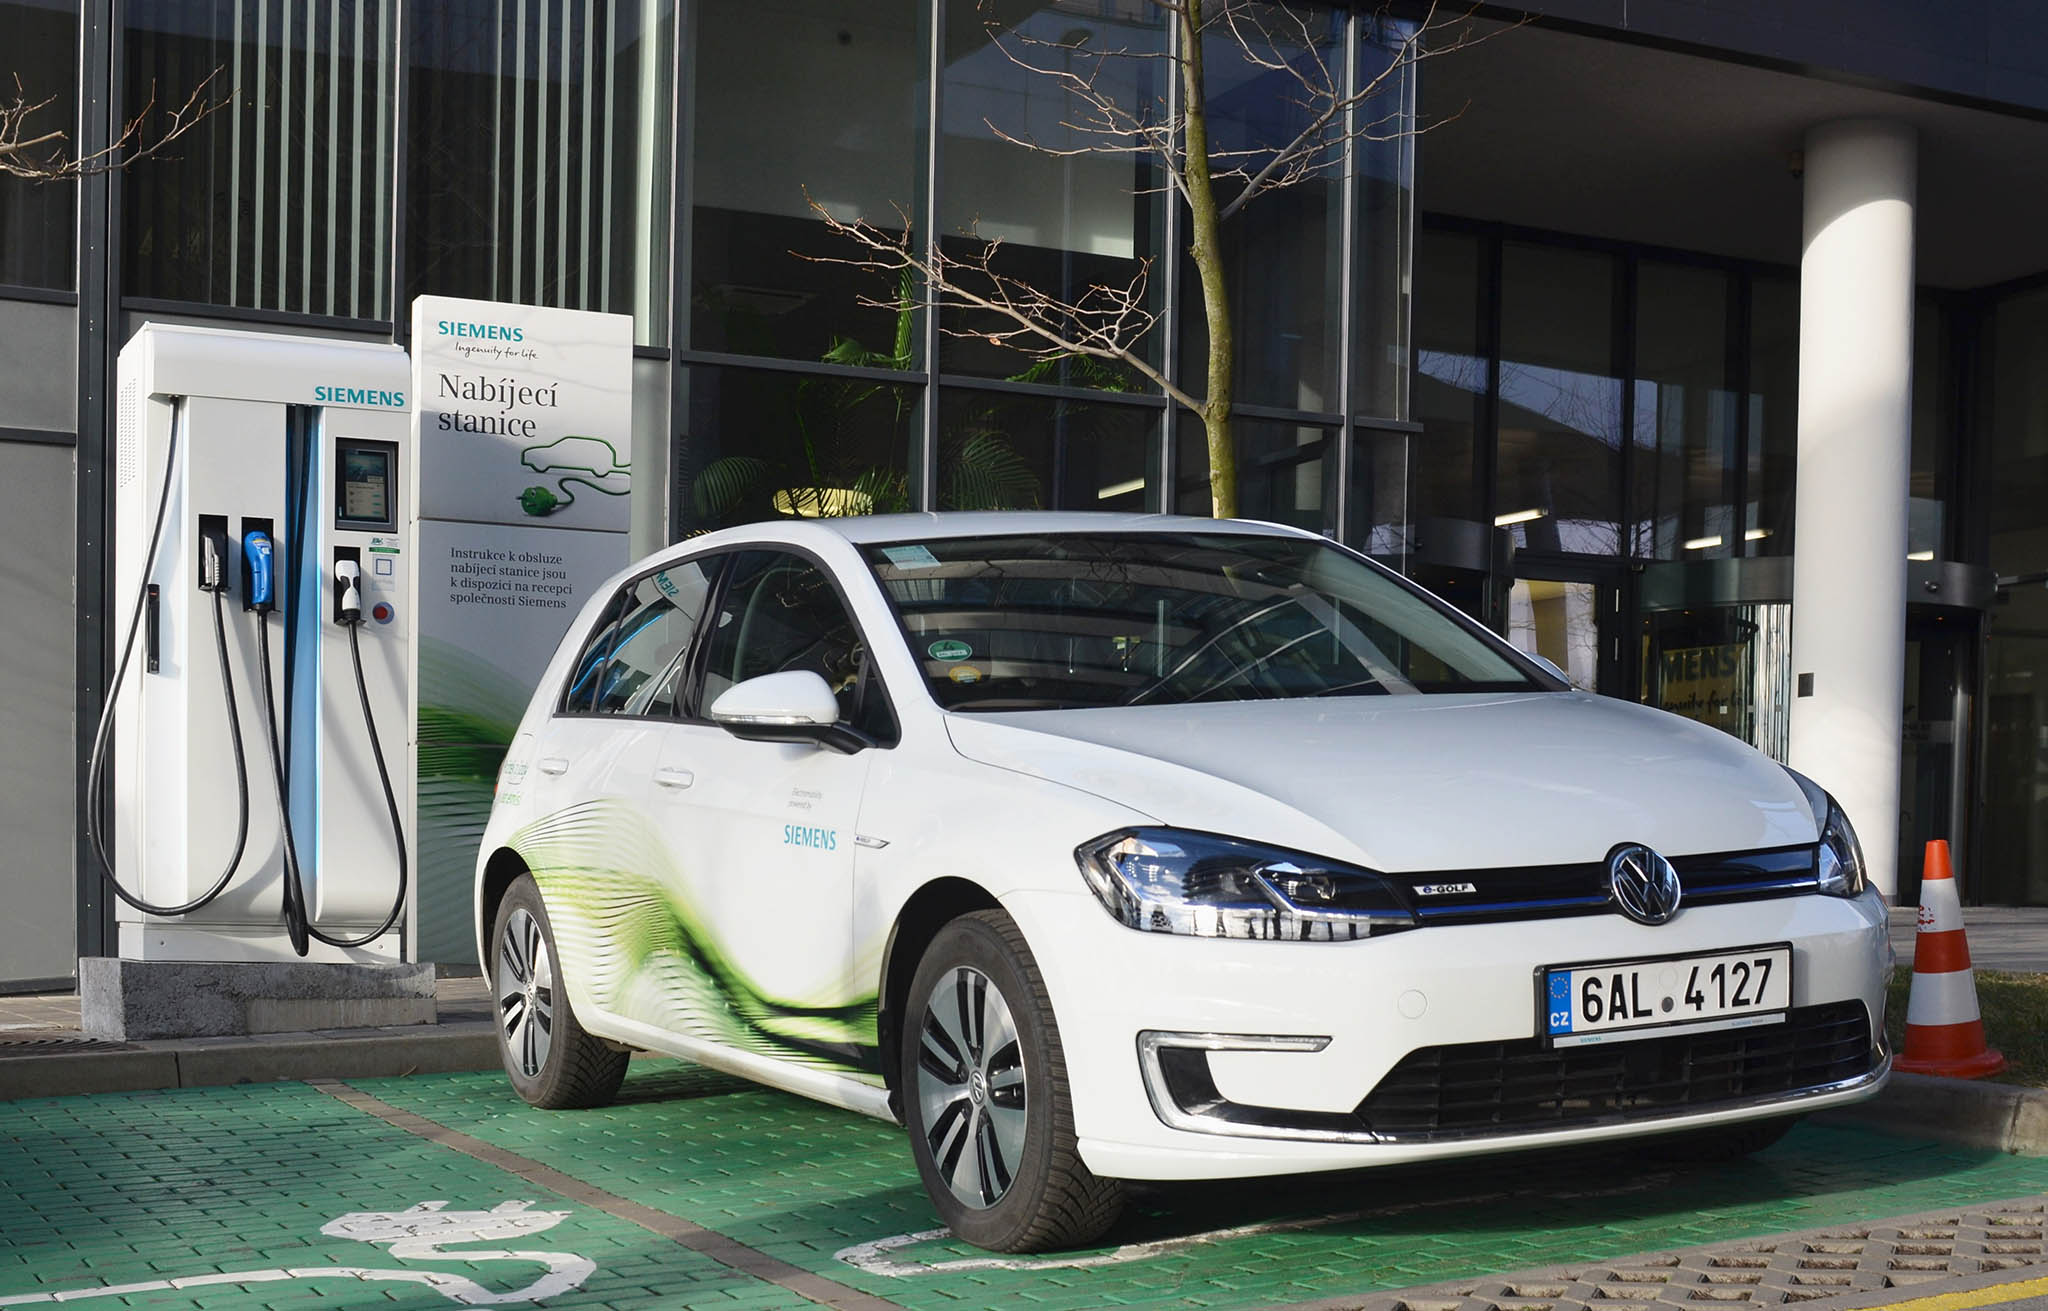 Elektromobily pro Siemens představují možnost, jak snížit firemní uhlíkovou stopu. Volkswagen e-Golf vpražském car poolu je nejoblíbenějším anejvytíženějším automobilem vůbec.